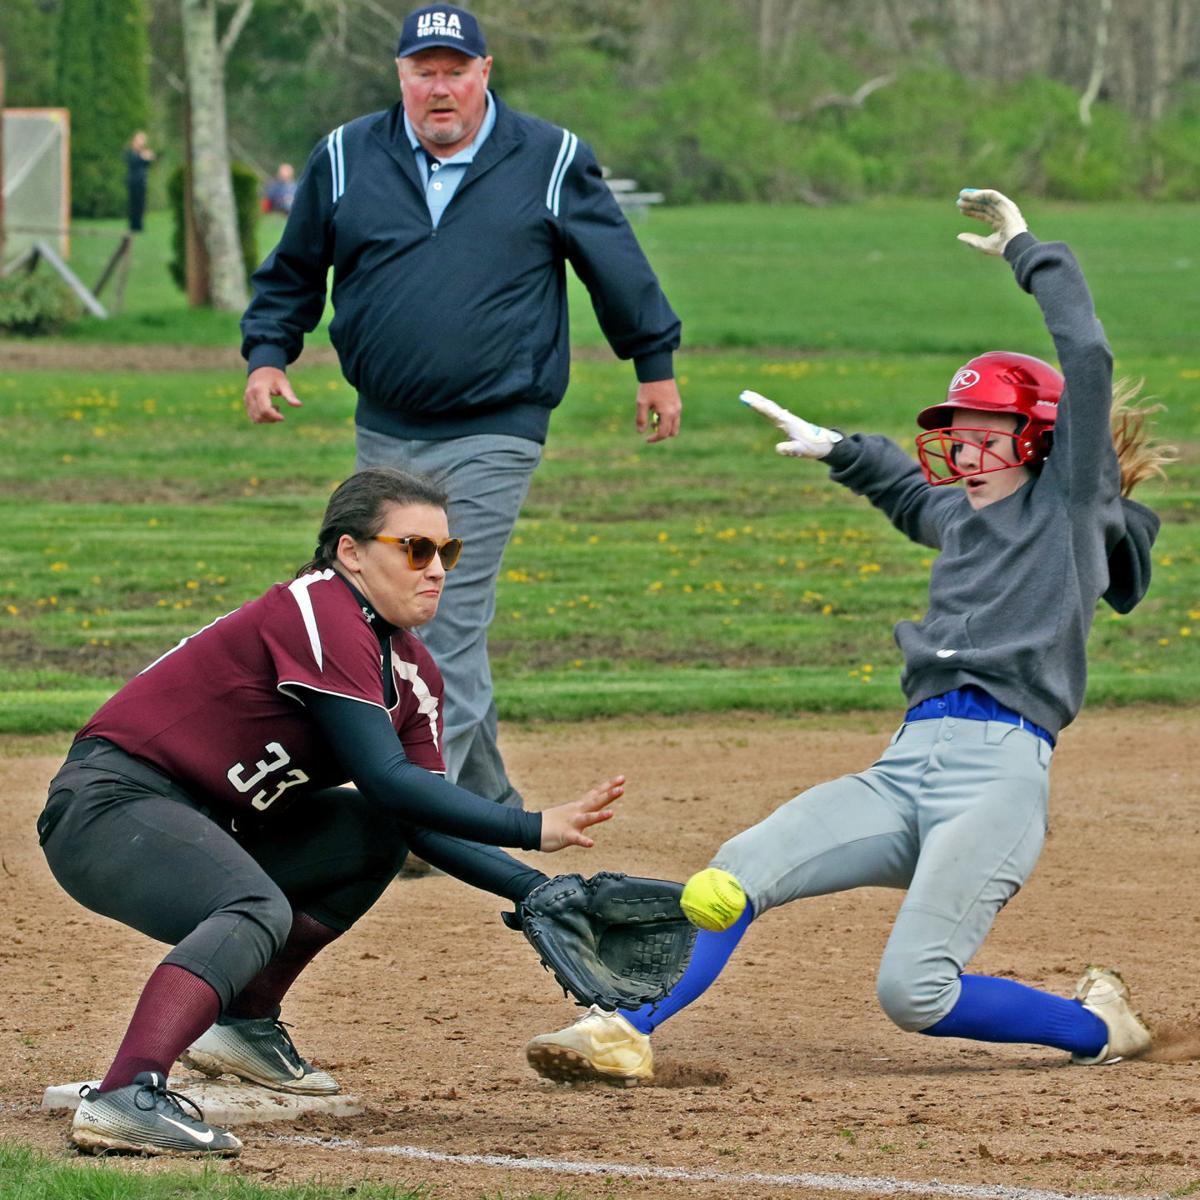 050219 SPT Wheeler softball v Ellis Tech 261.JPG